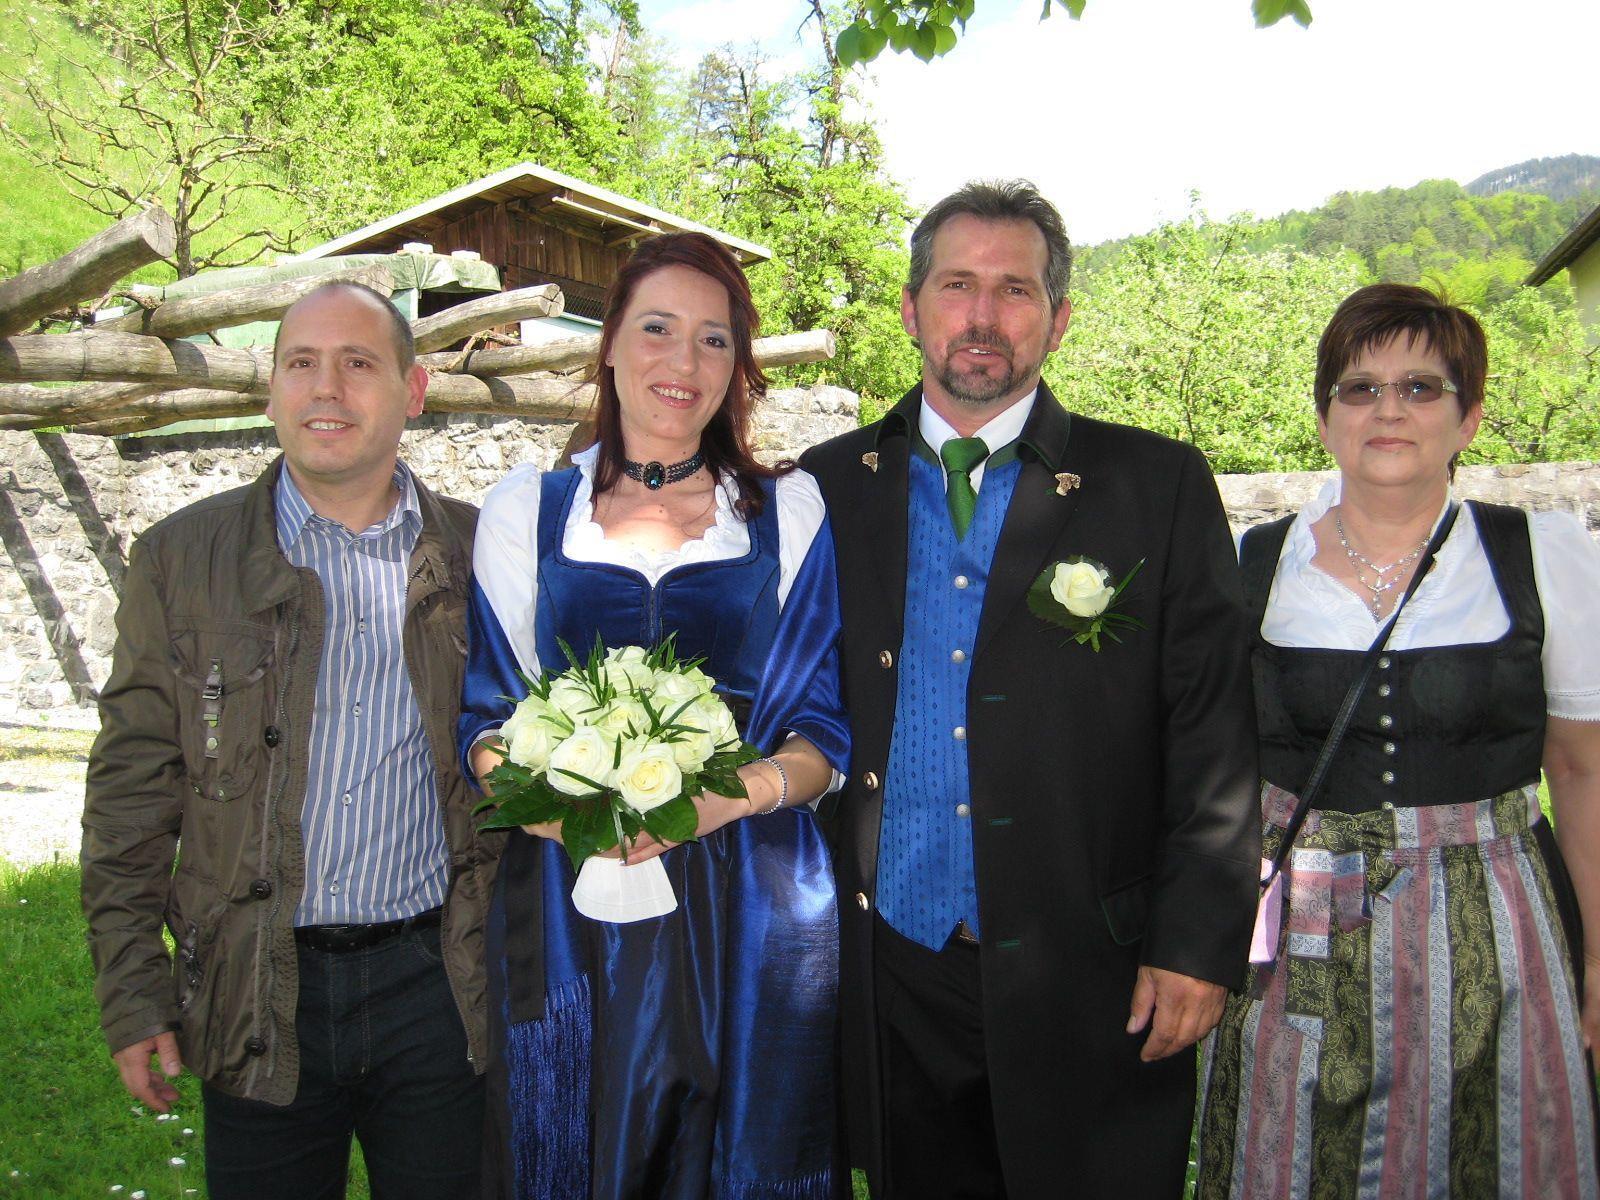 Carolina Patschg und Christian Kessler haben geheiratet.